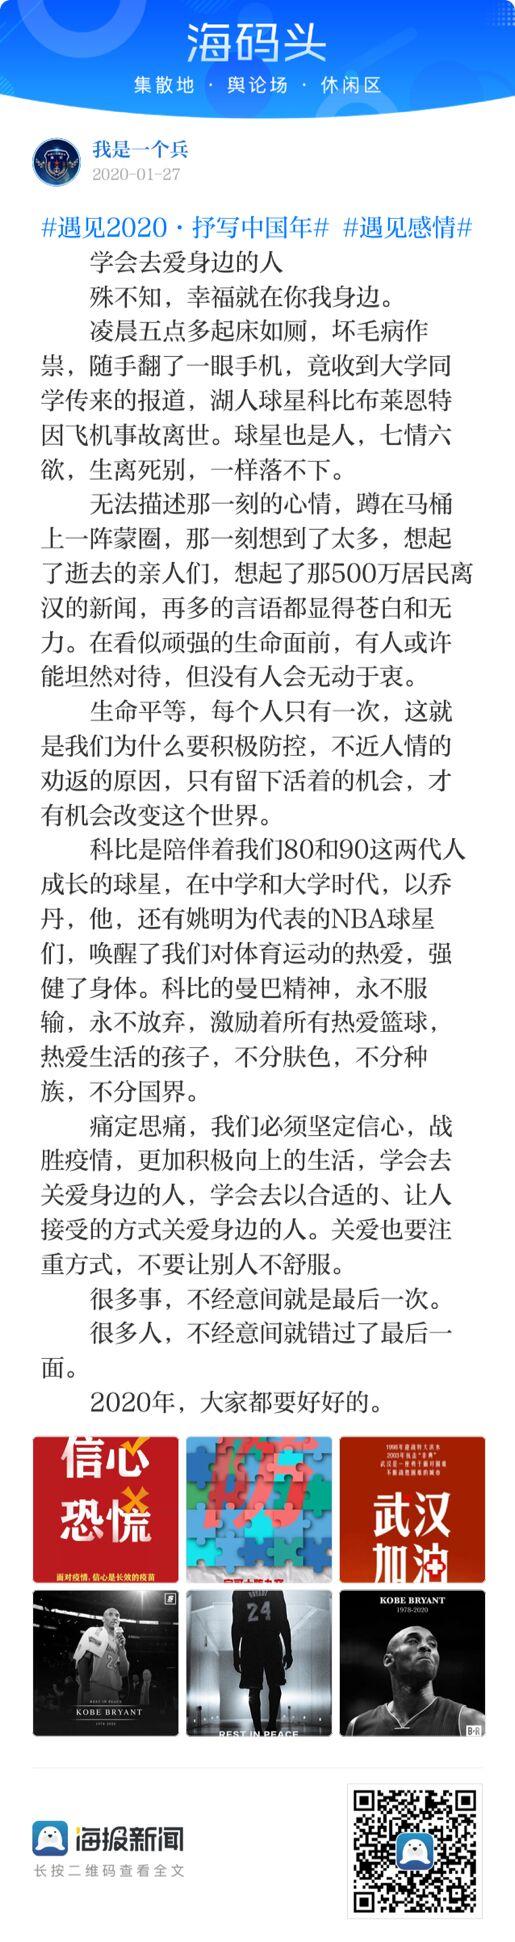 """坚定信心战胜疫情!海报新闻泰安网友呼吁""""爱身边人""""获5G手机大奖"""